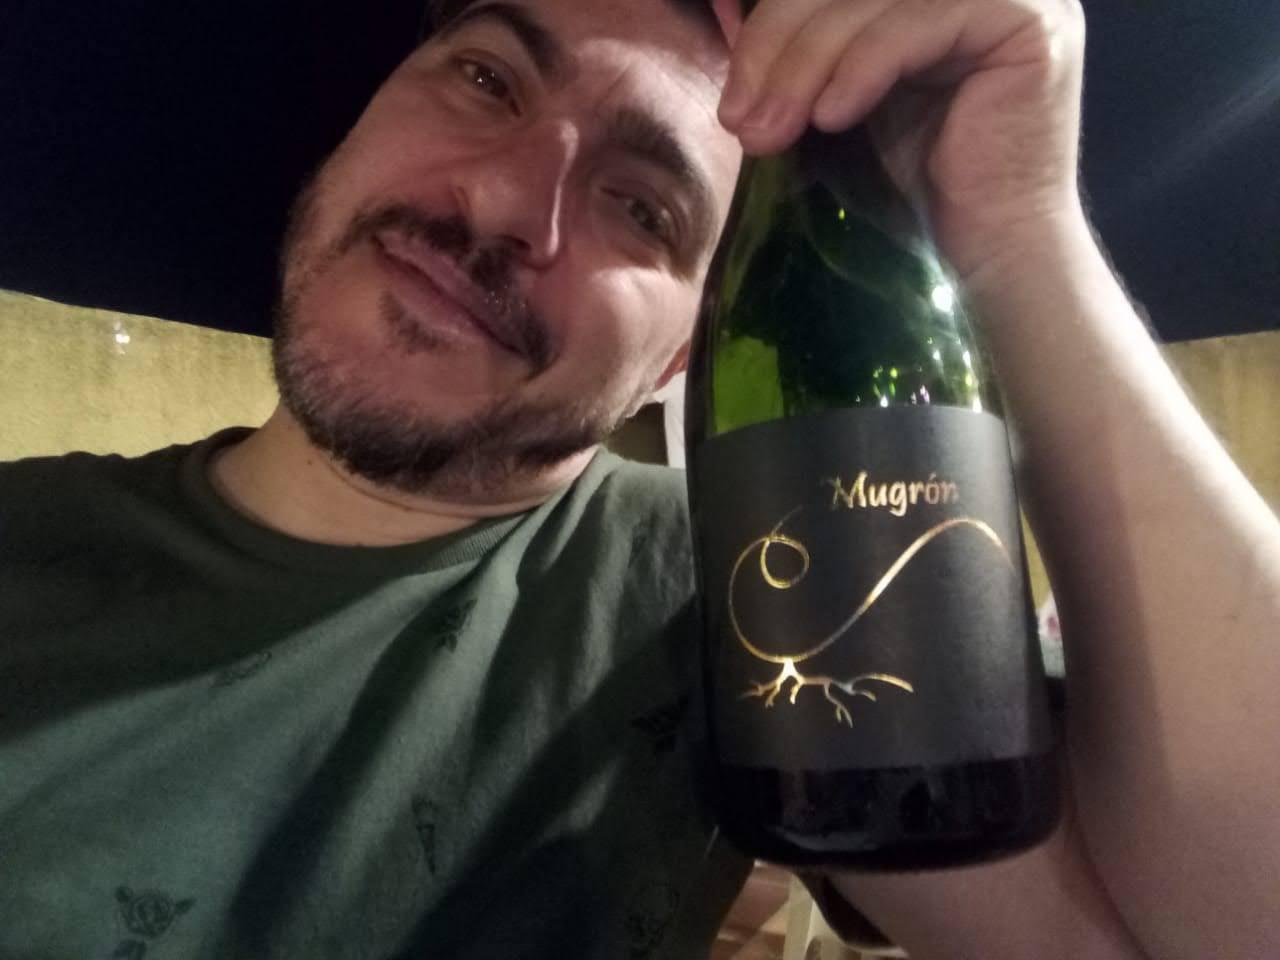 Vinos con Soda - Mugrón Black - Soda Stereo - Canción Animal